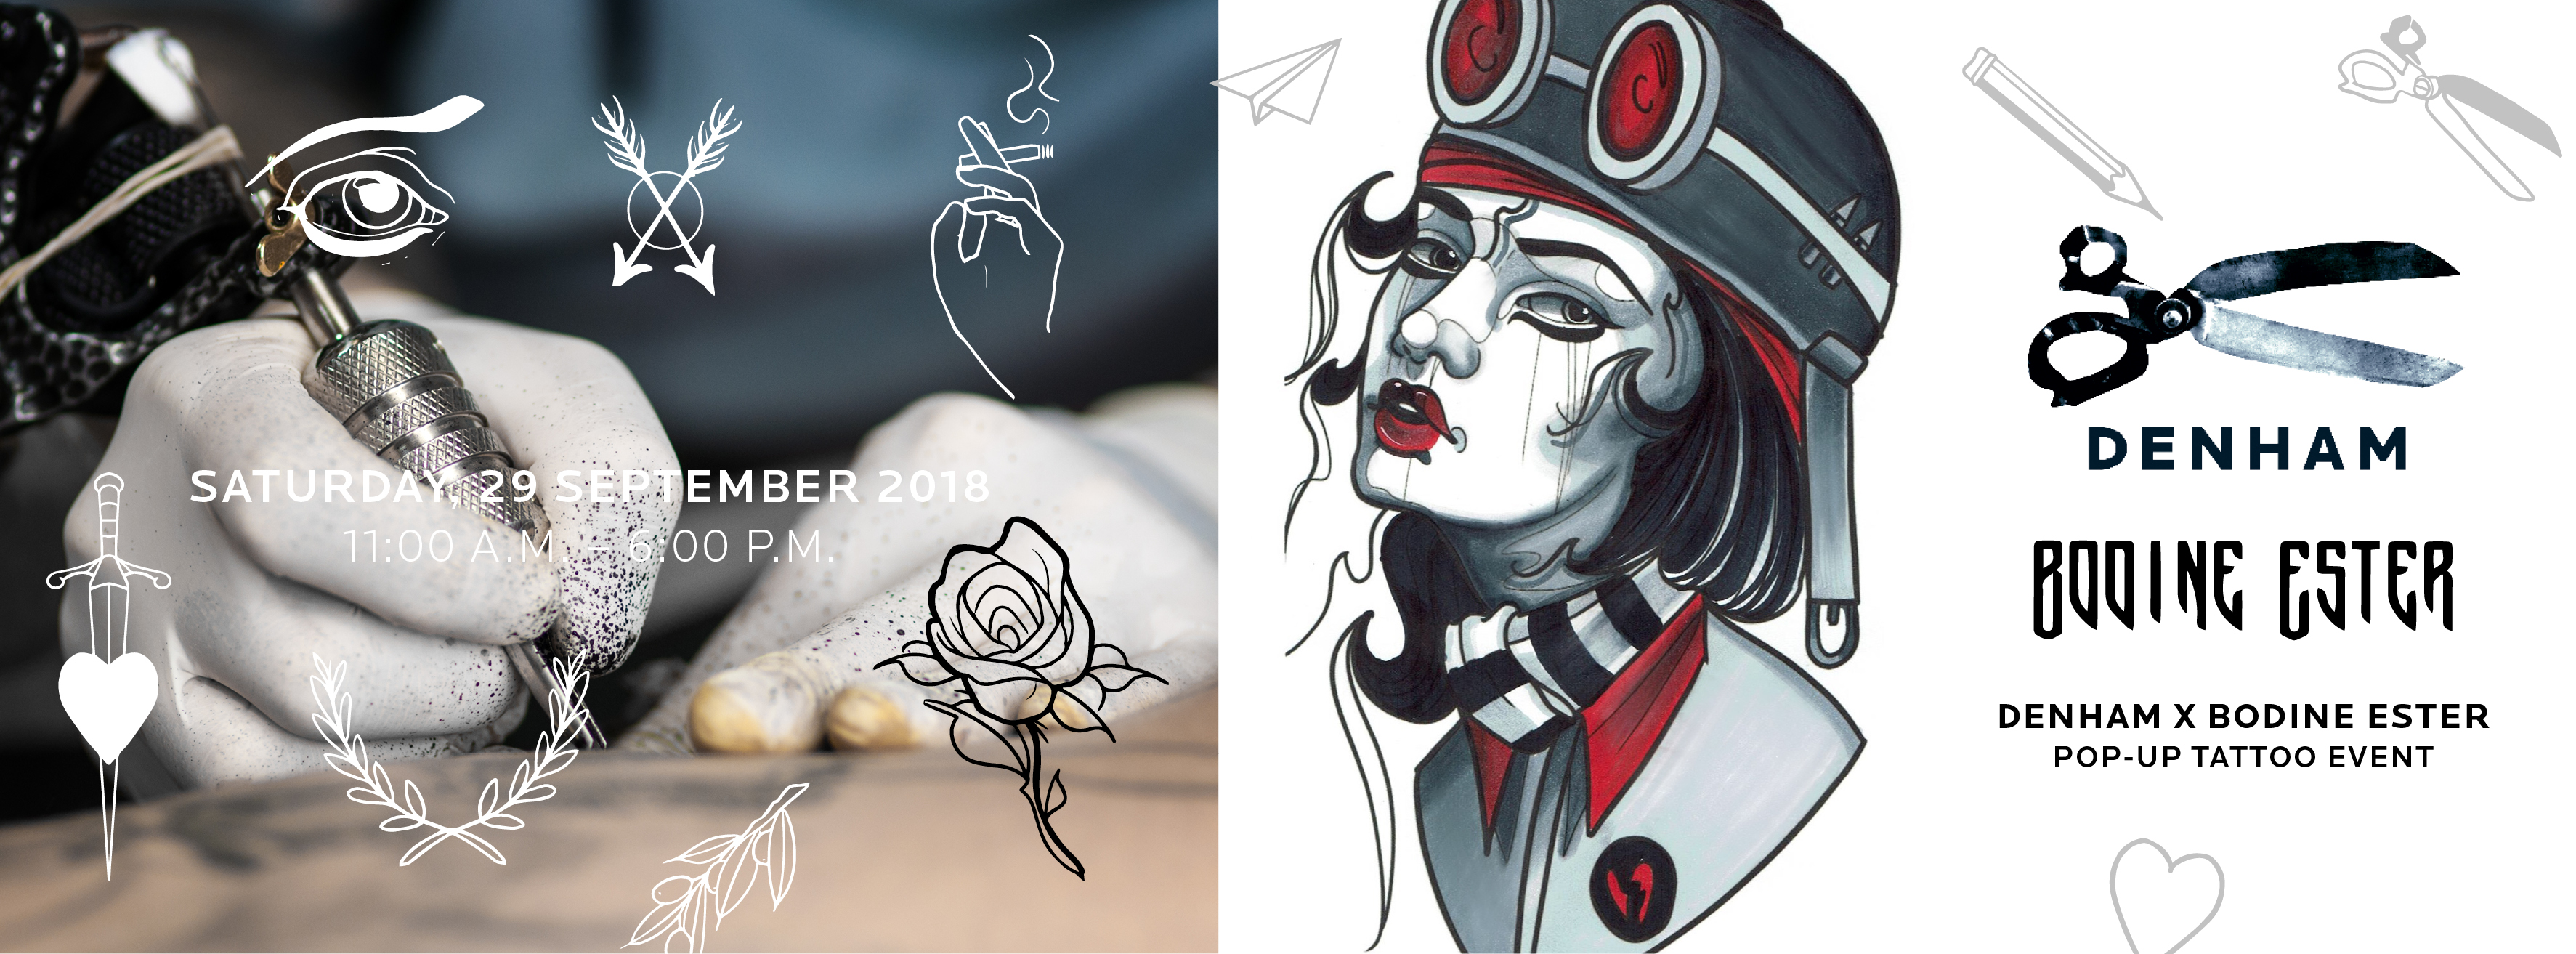 DENHAM x Bodine Ester – Saturday, 29 September 2018 Tattooing in The Denham store in Utrecht.